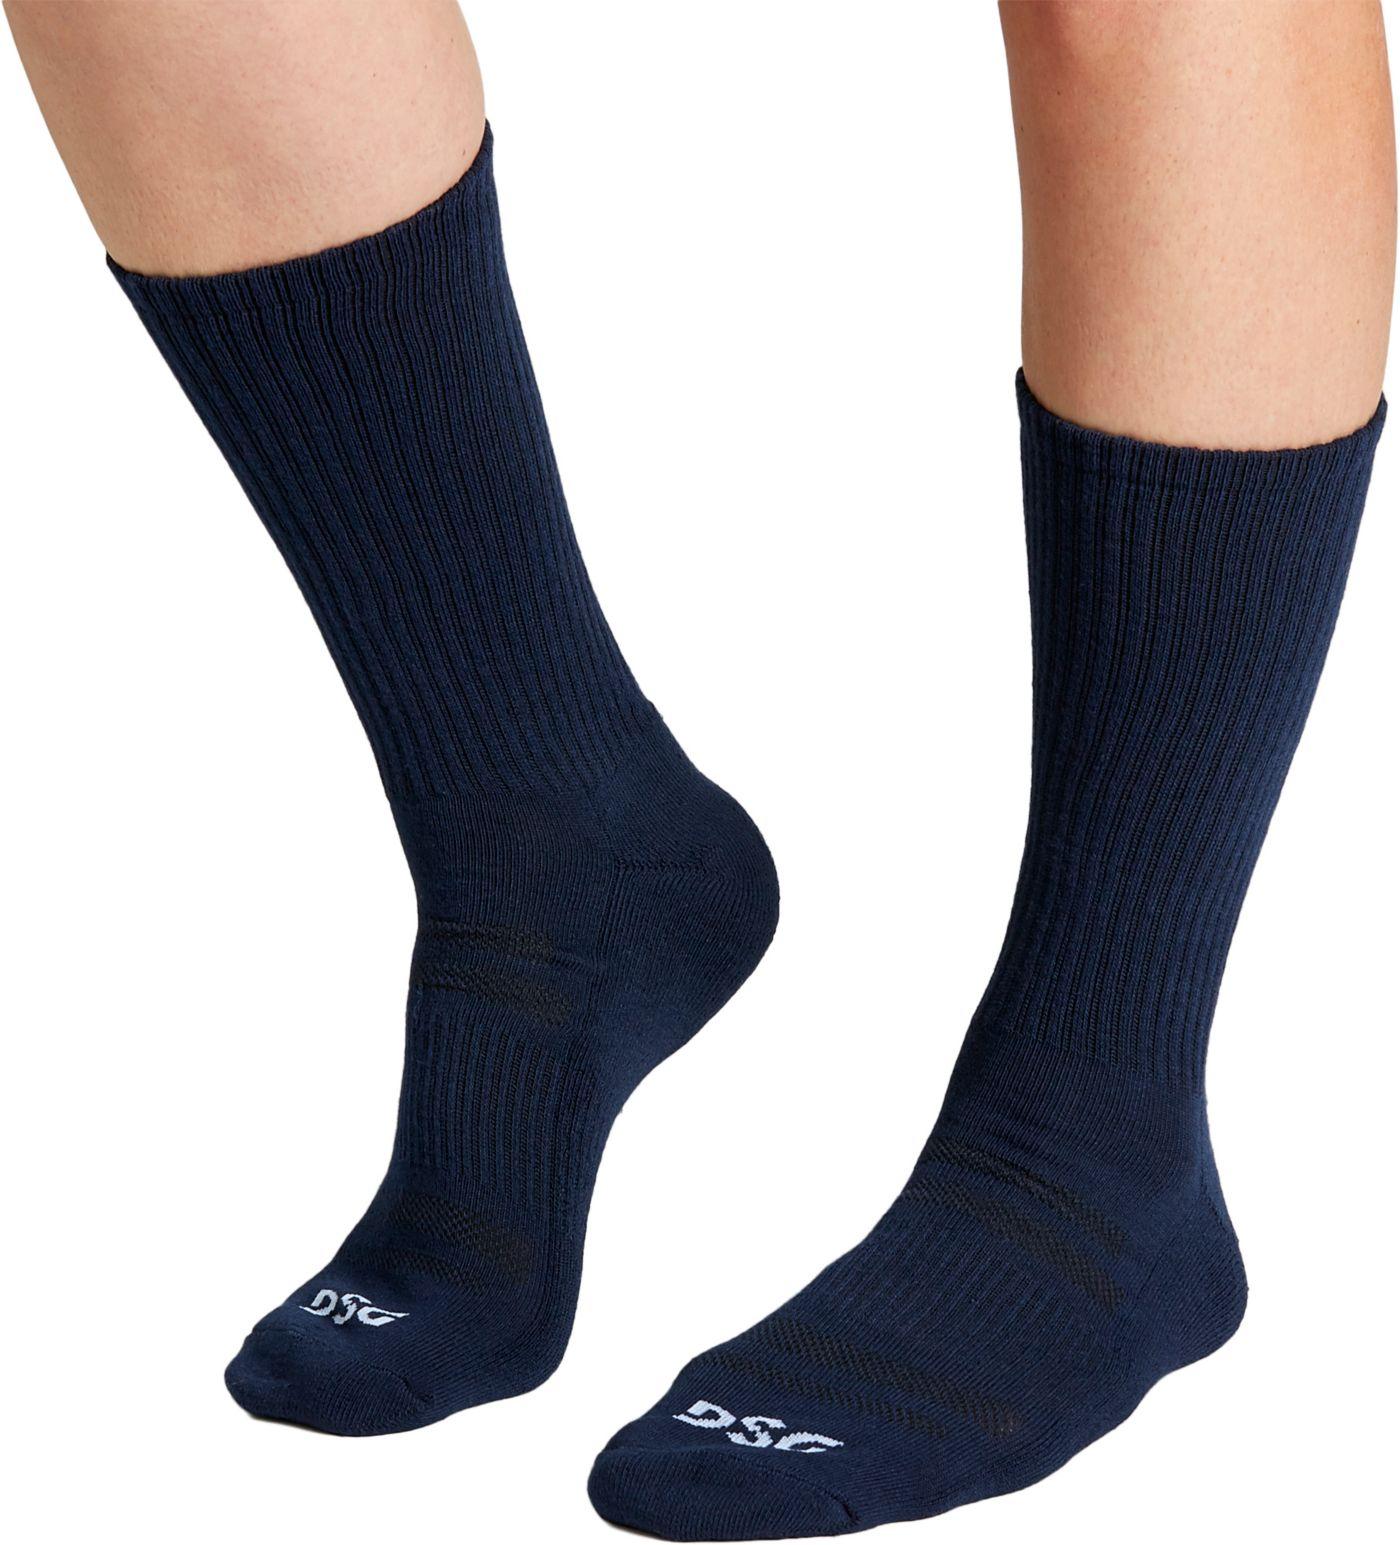 DSG Crew Socks 6 Pack